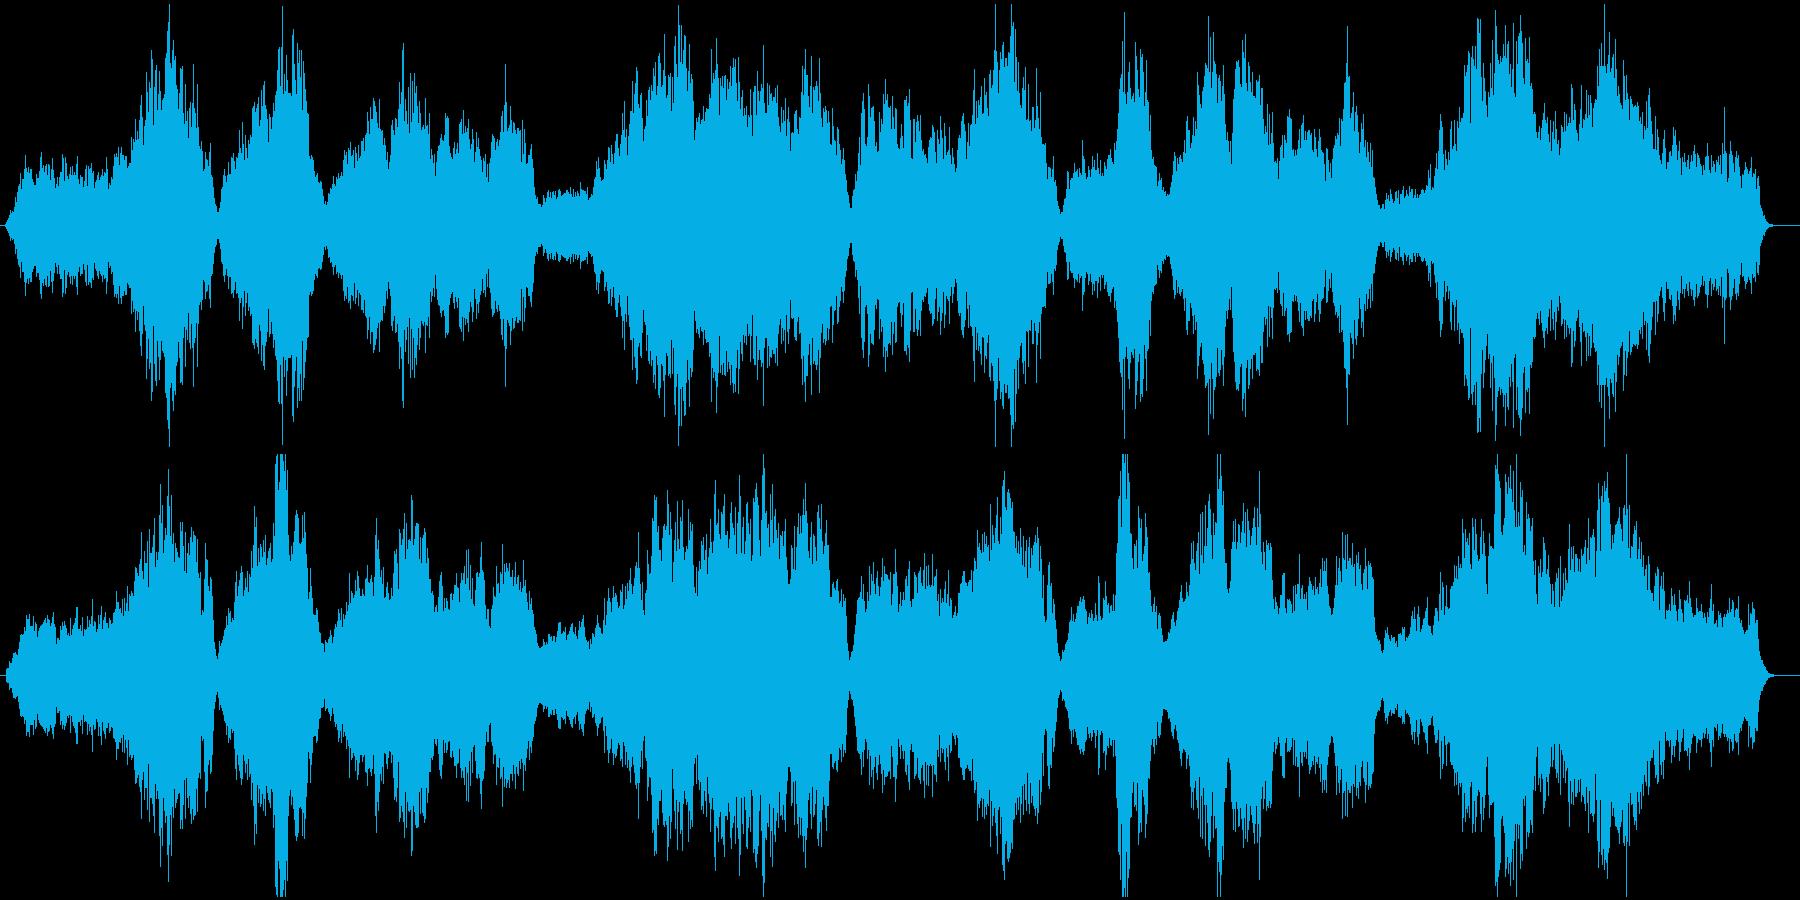 バッハを意識したストリングスの再生済みの波形